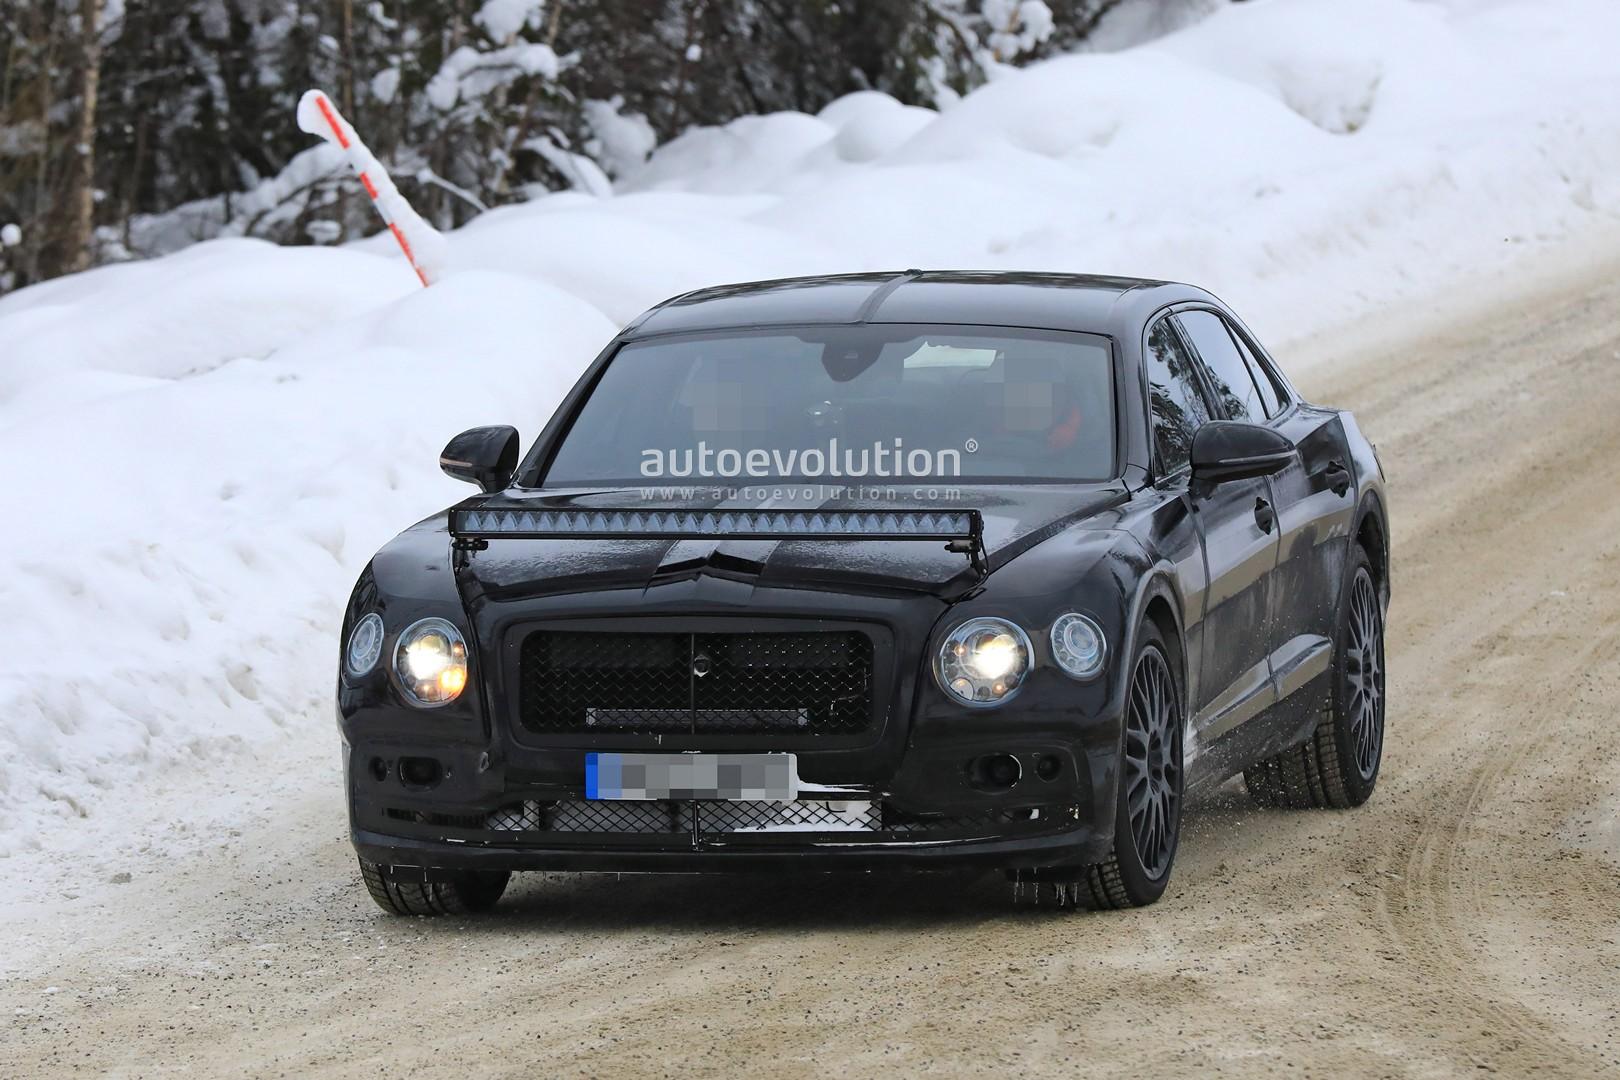 2020 Bentley Flying Spur Sports Huge LED Bar During Winter Testing ...